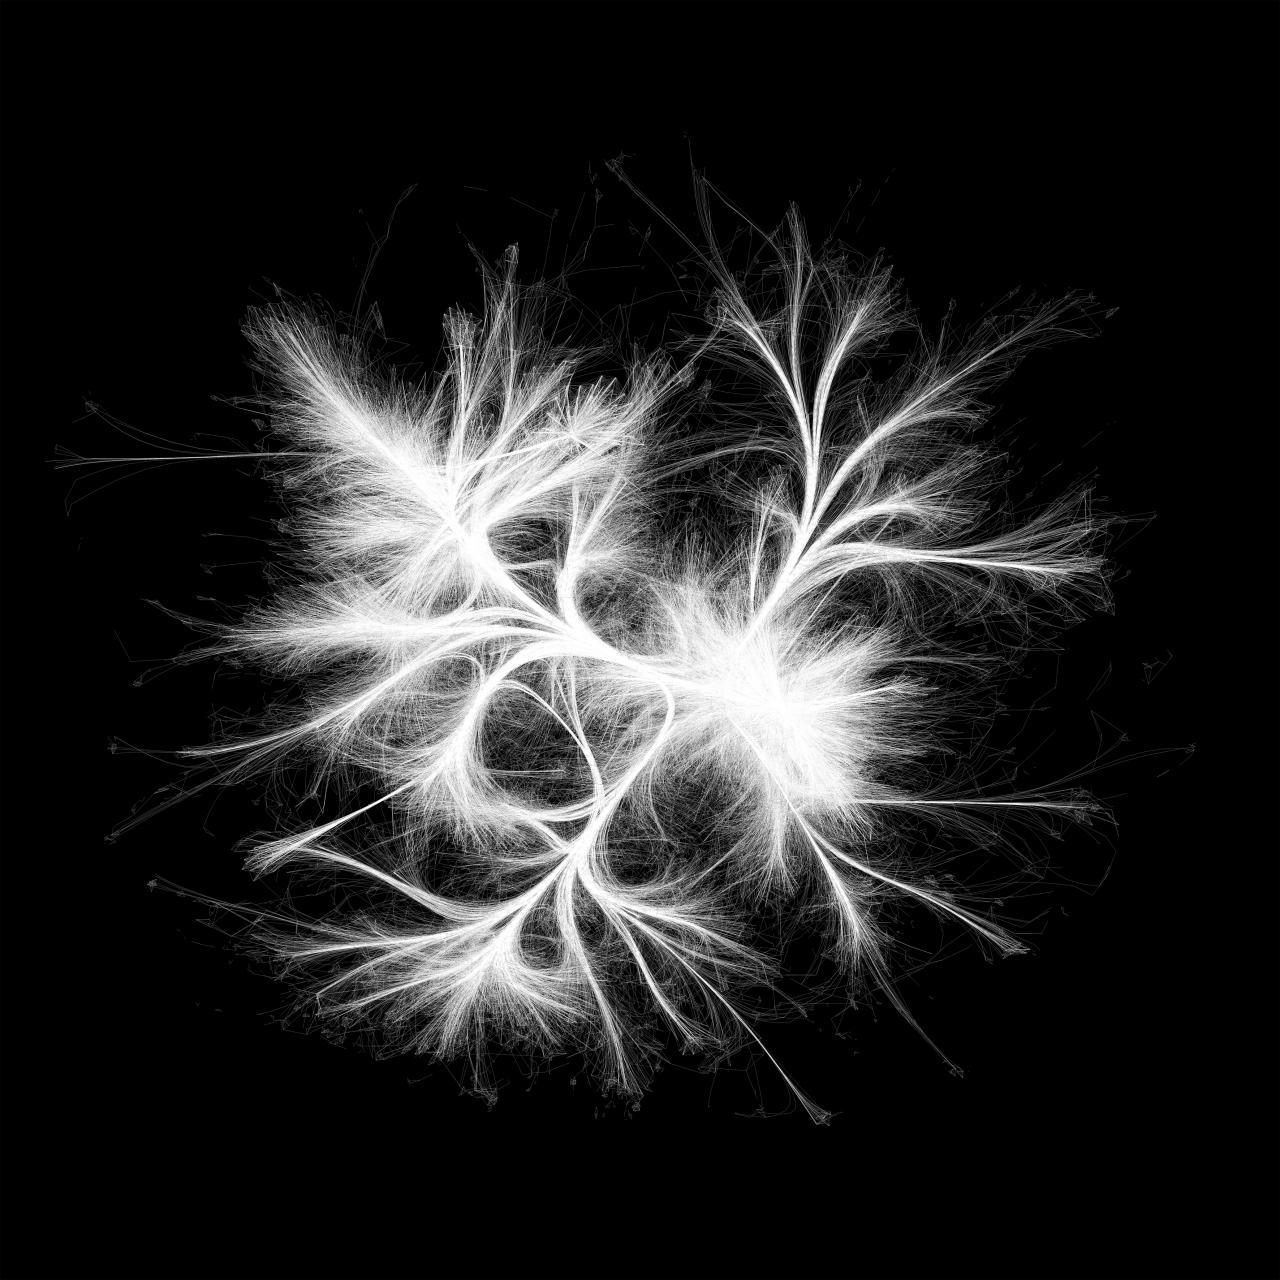 Eine Visualisierung eines Netzwerks aus weißen Strängen auf schwarzem Hintergrund, die sich nach außen hin zerfransen